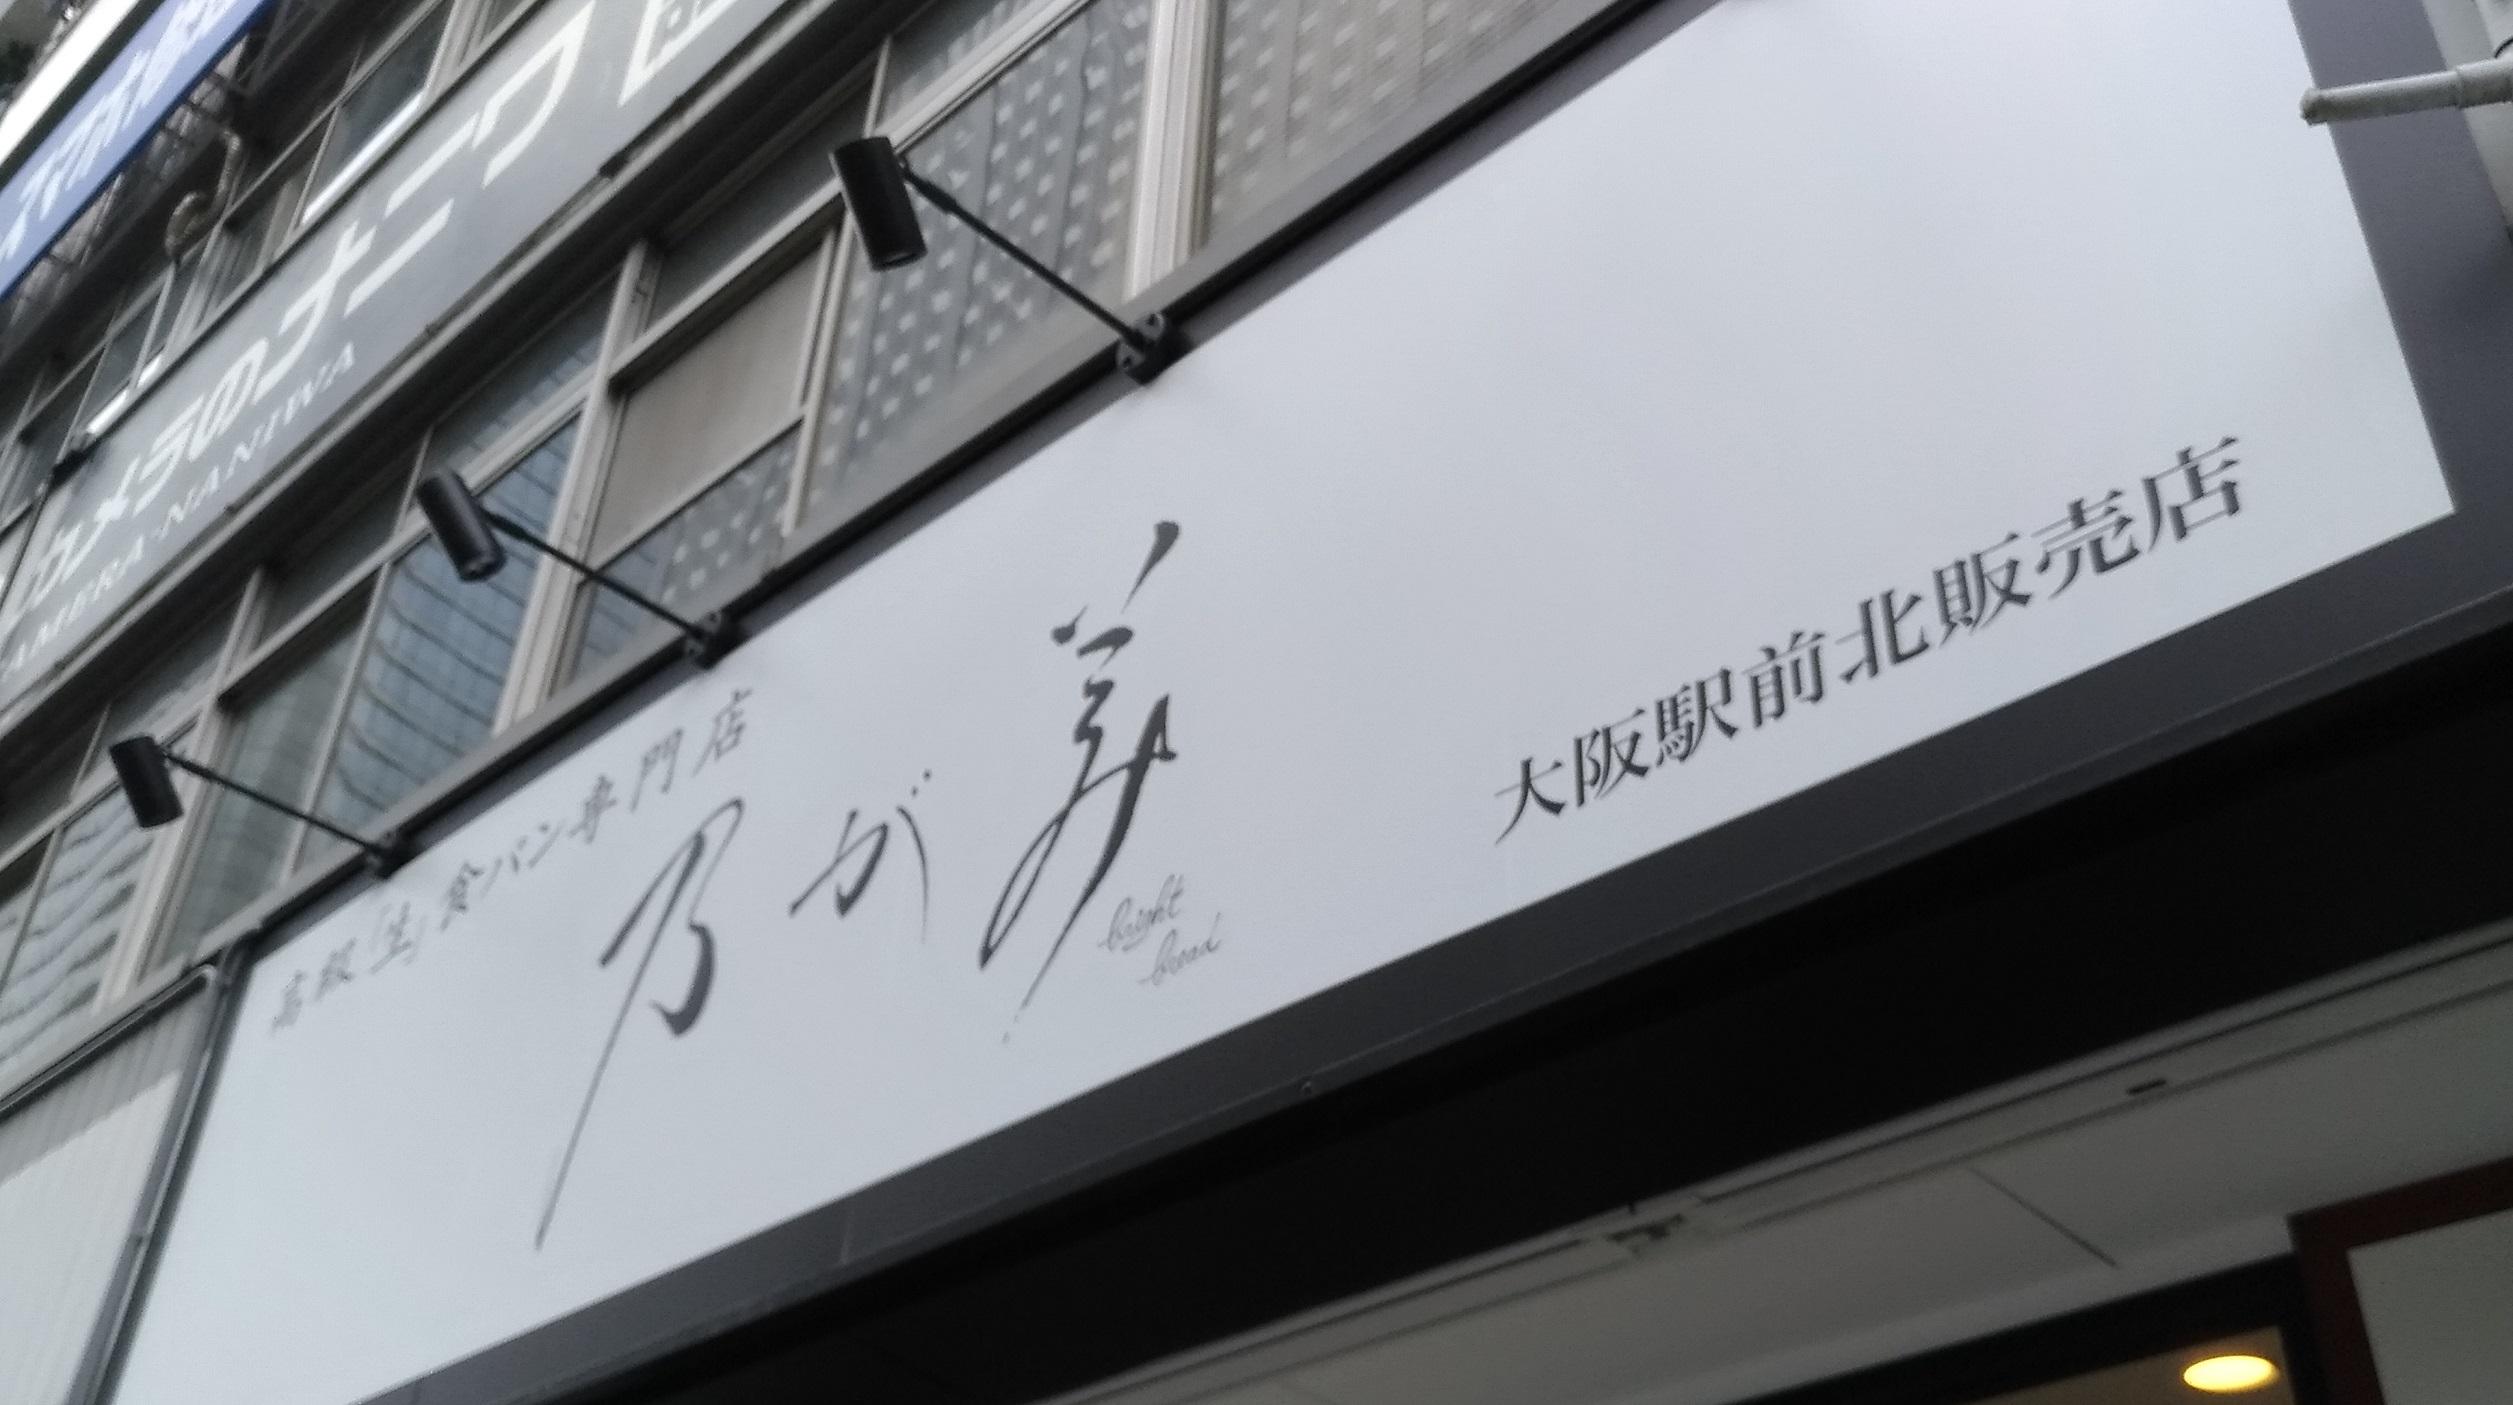 nogami_osaka_umeda_shokupan_2.jpg